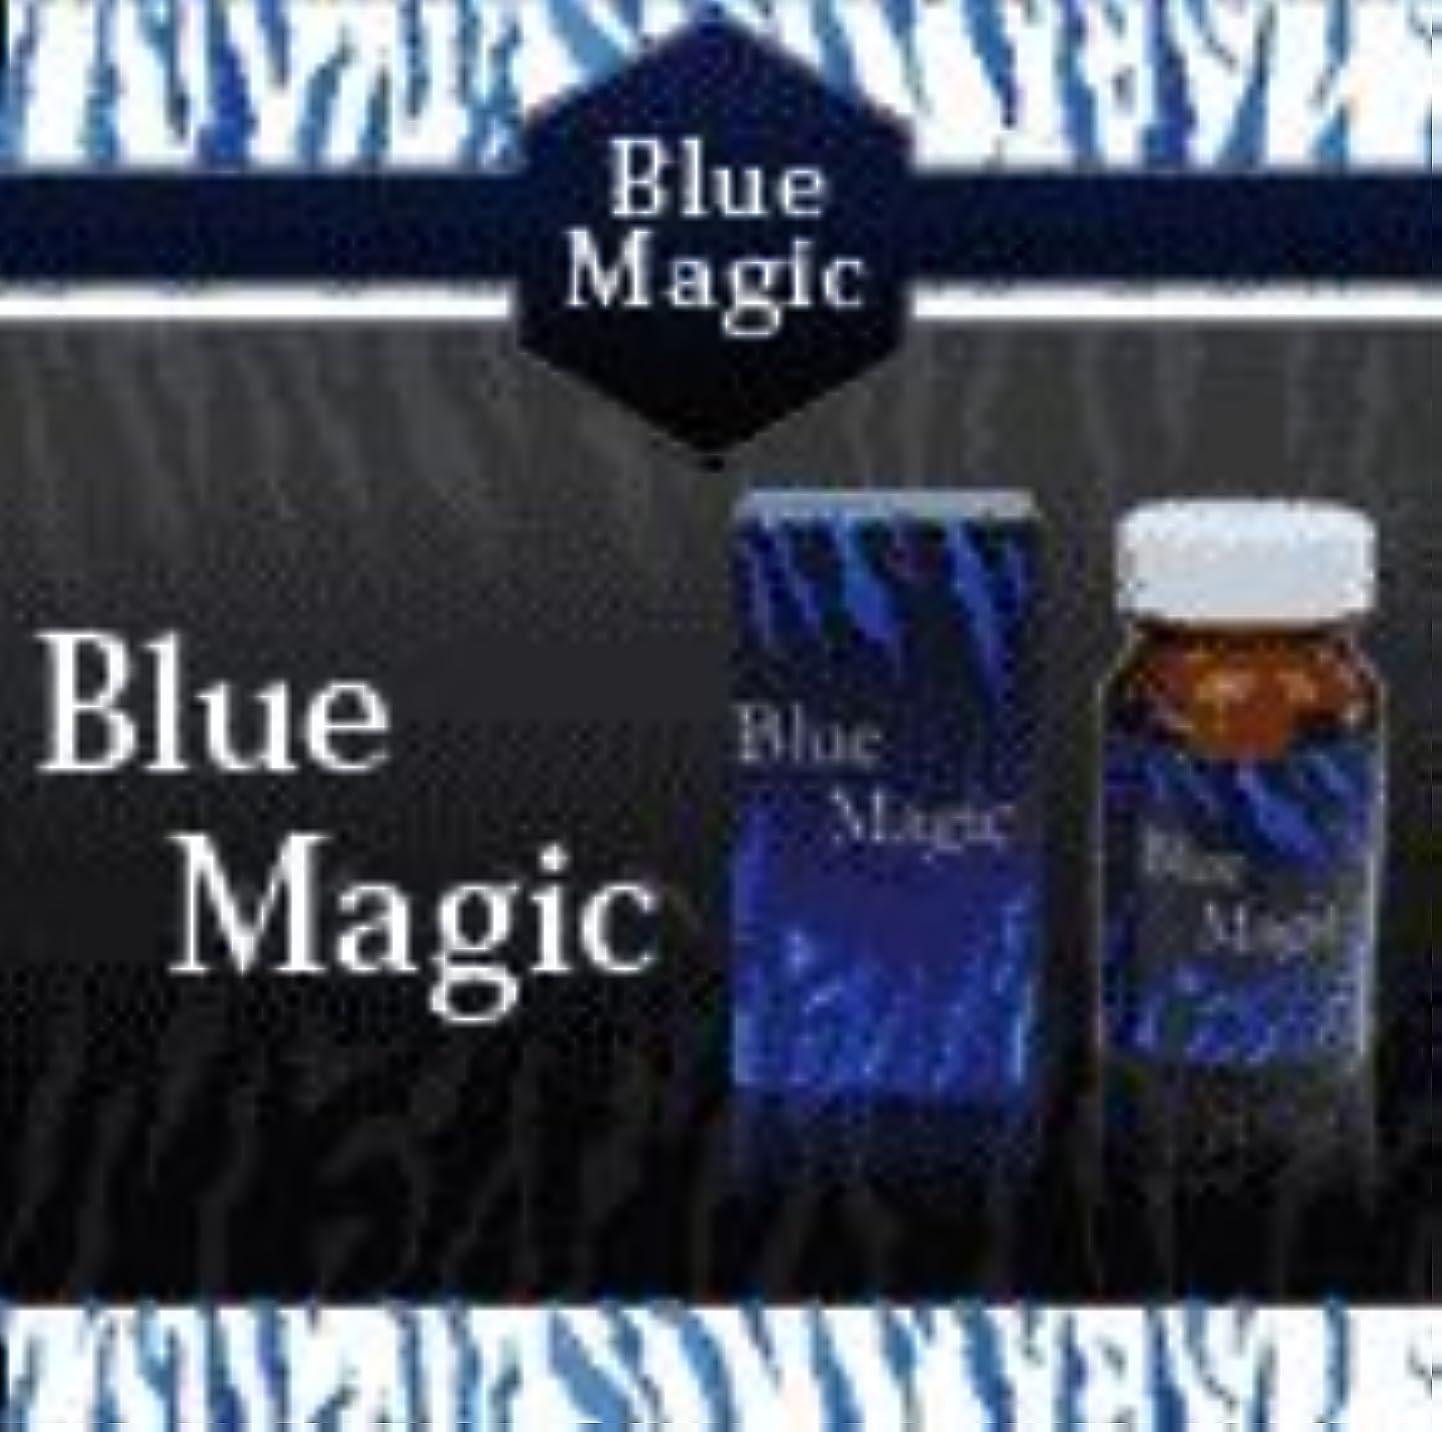 意欲ねばねばバナナ「Blue Magic」ブルーマジック (ダイエットサプリメント) 3個セット